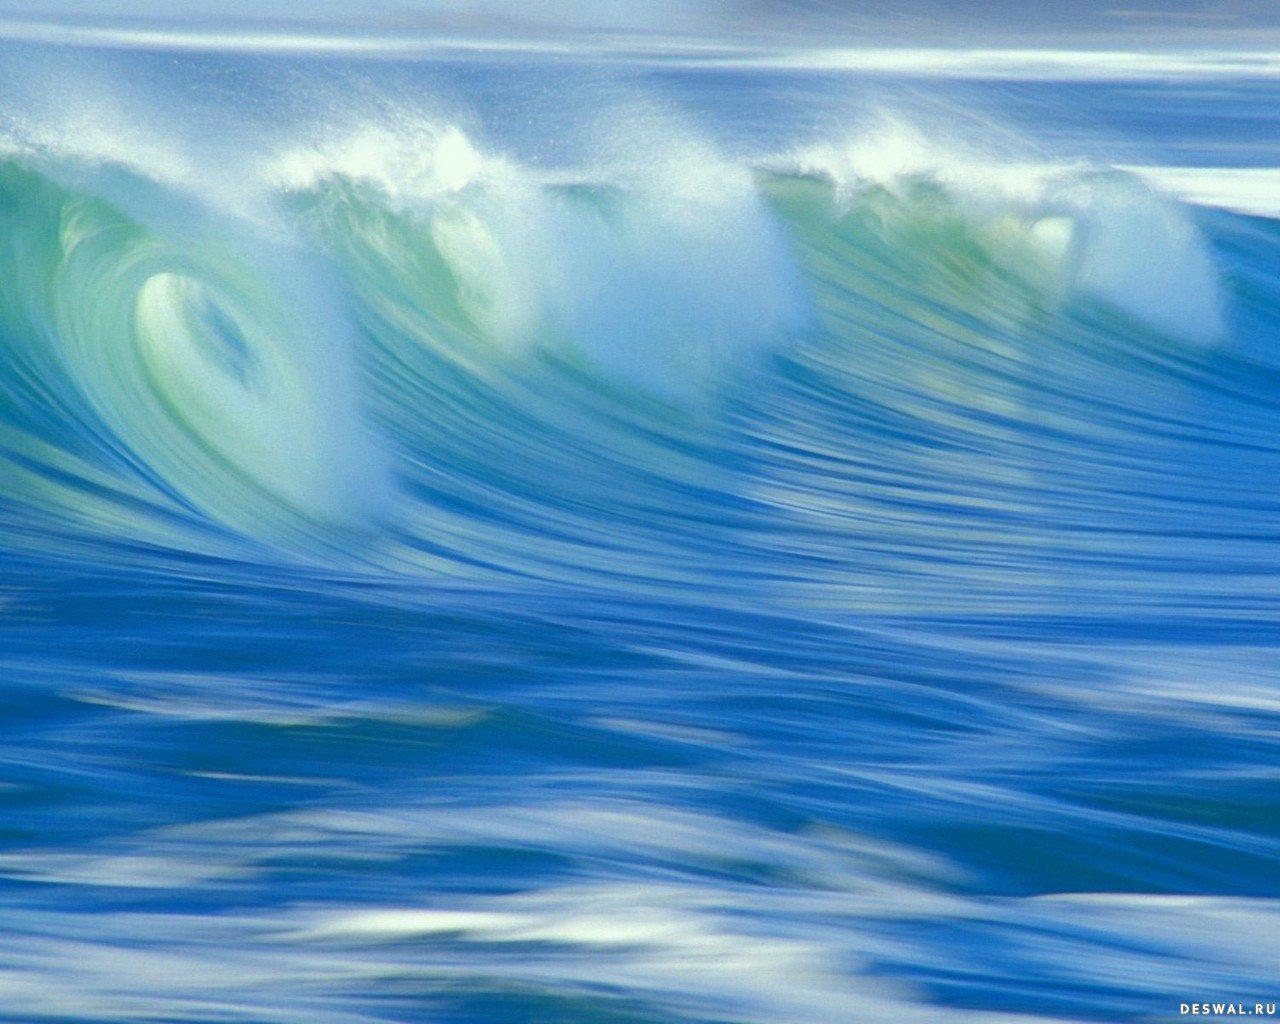 Бесплатные Обои Океан На Рабочий Стол